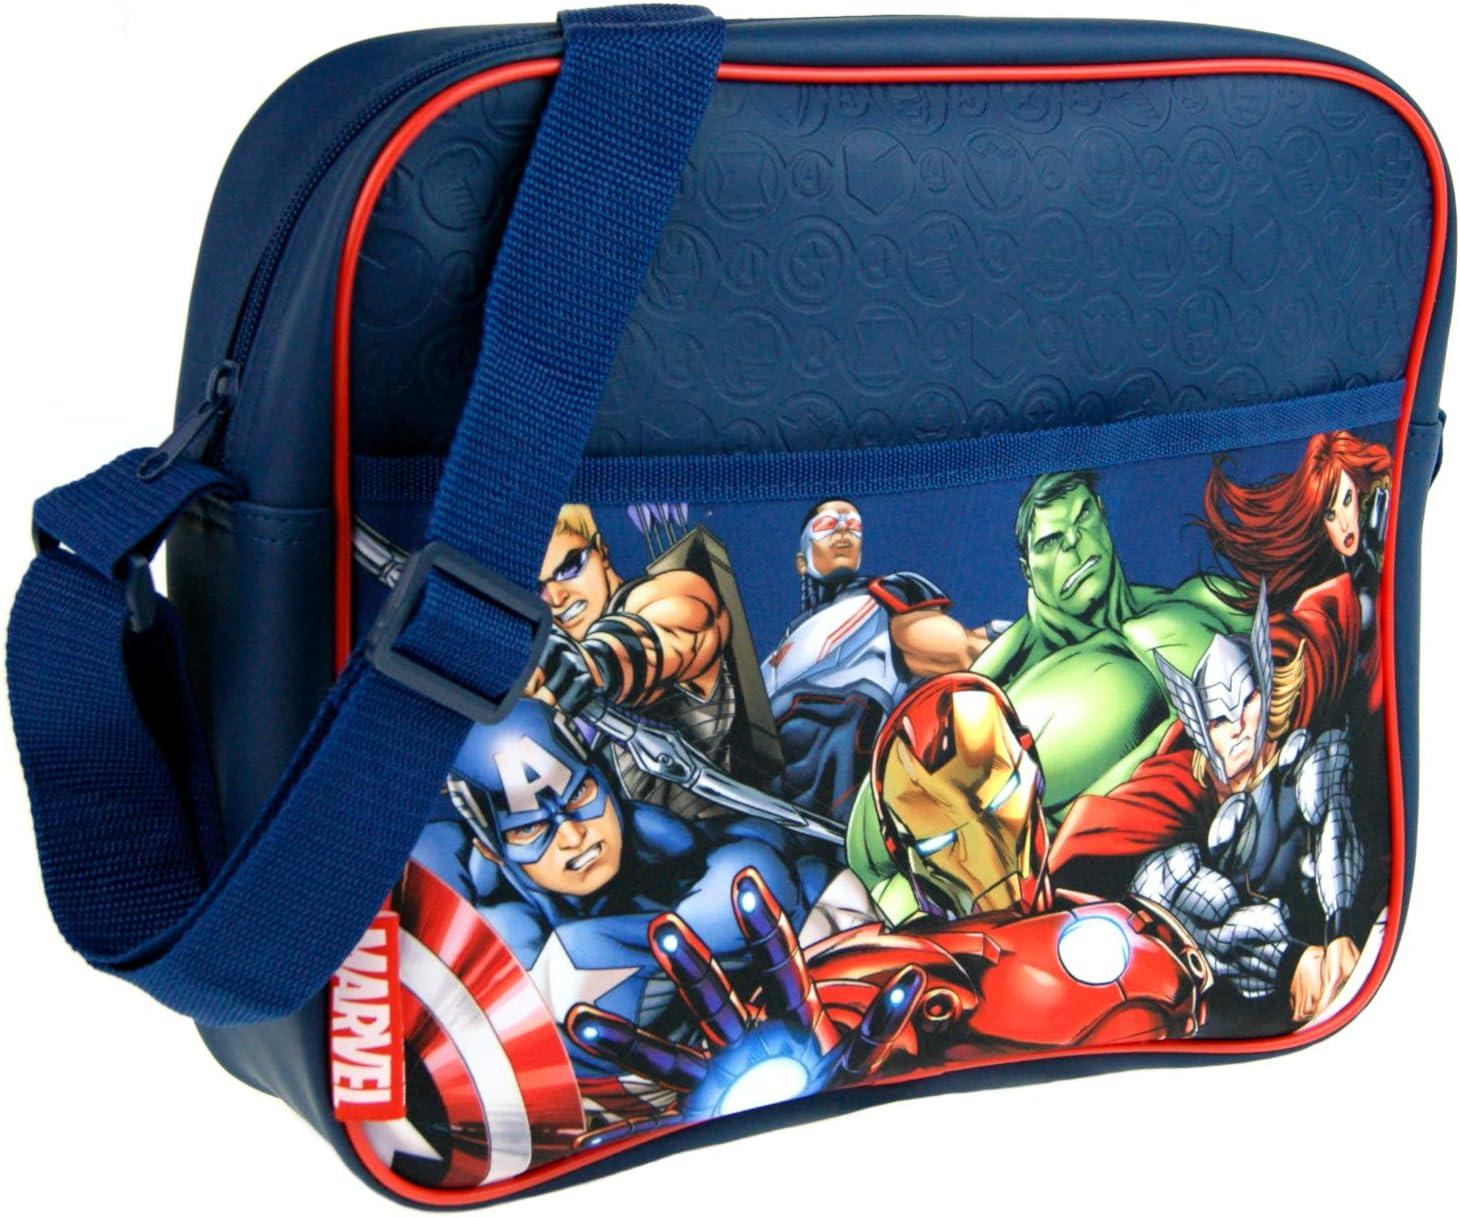 Black Marvel Avengers Laptop Messenger